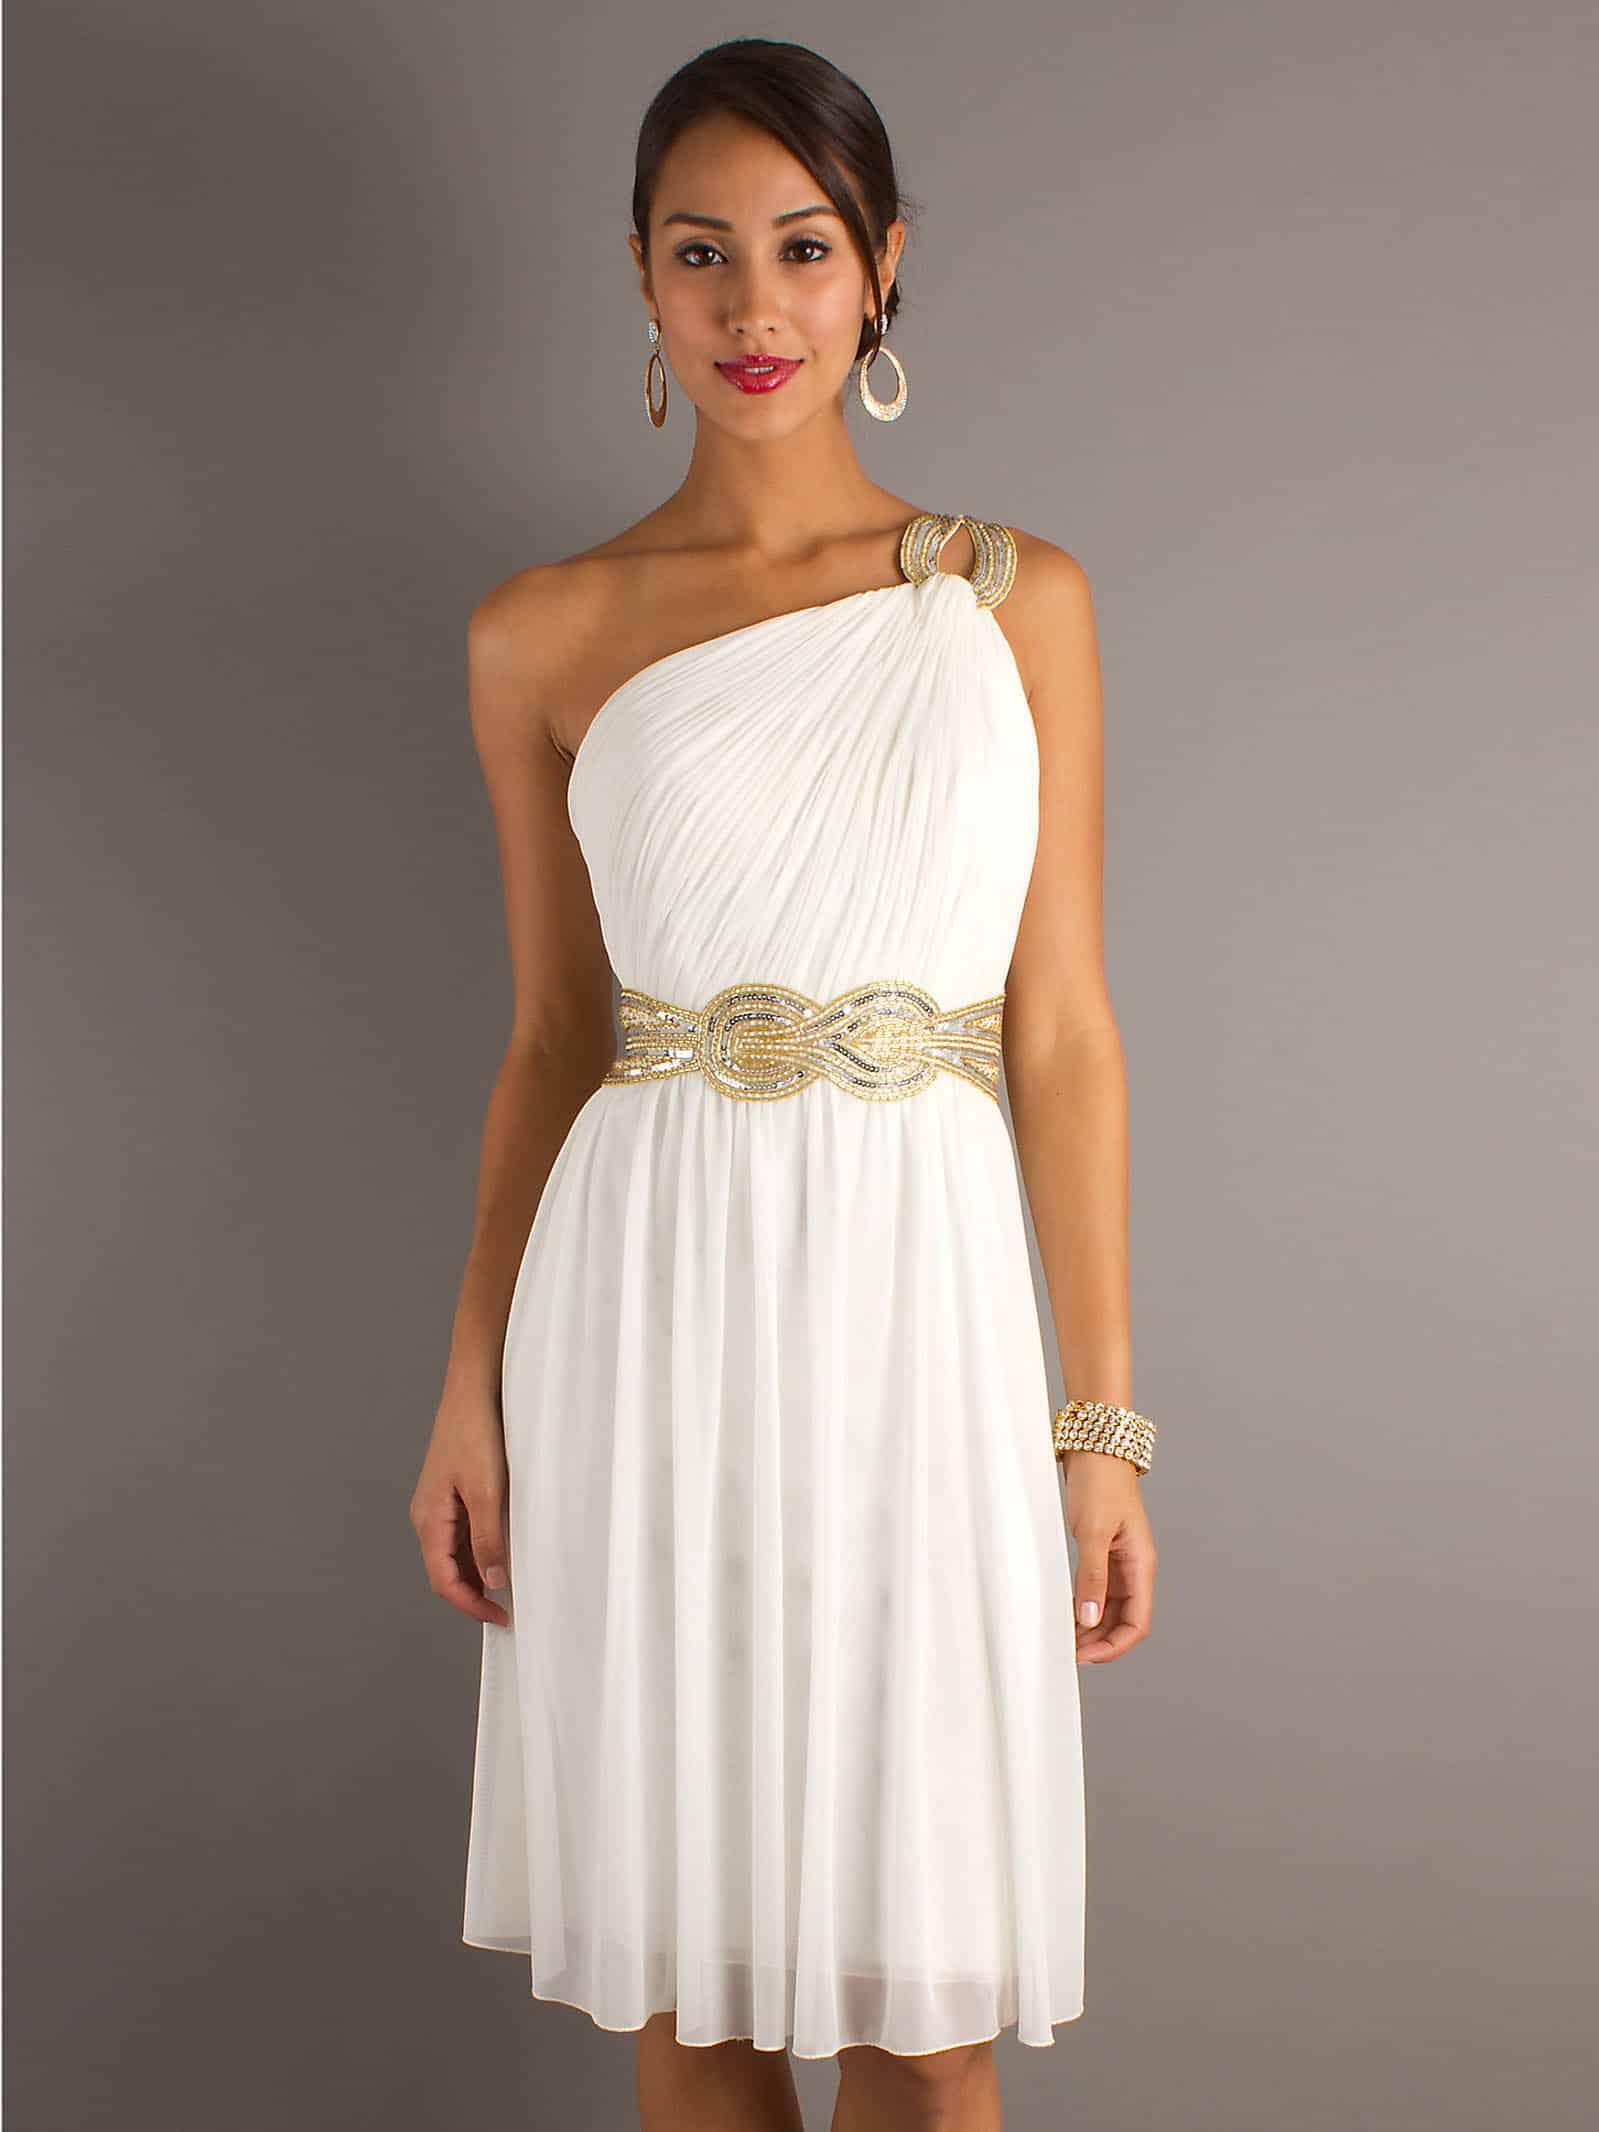 Une robe pour toutes les occasions sur robe.tech